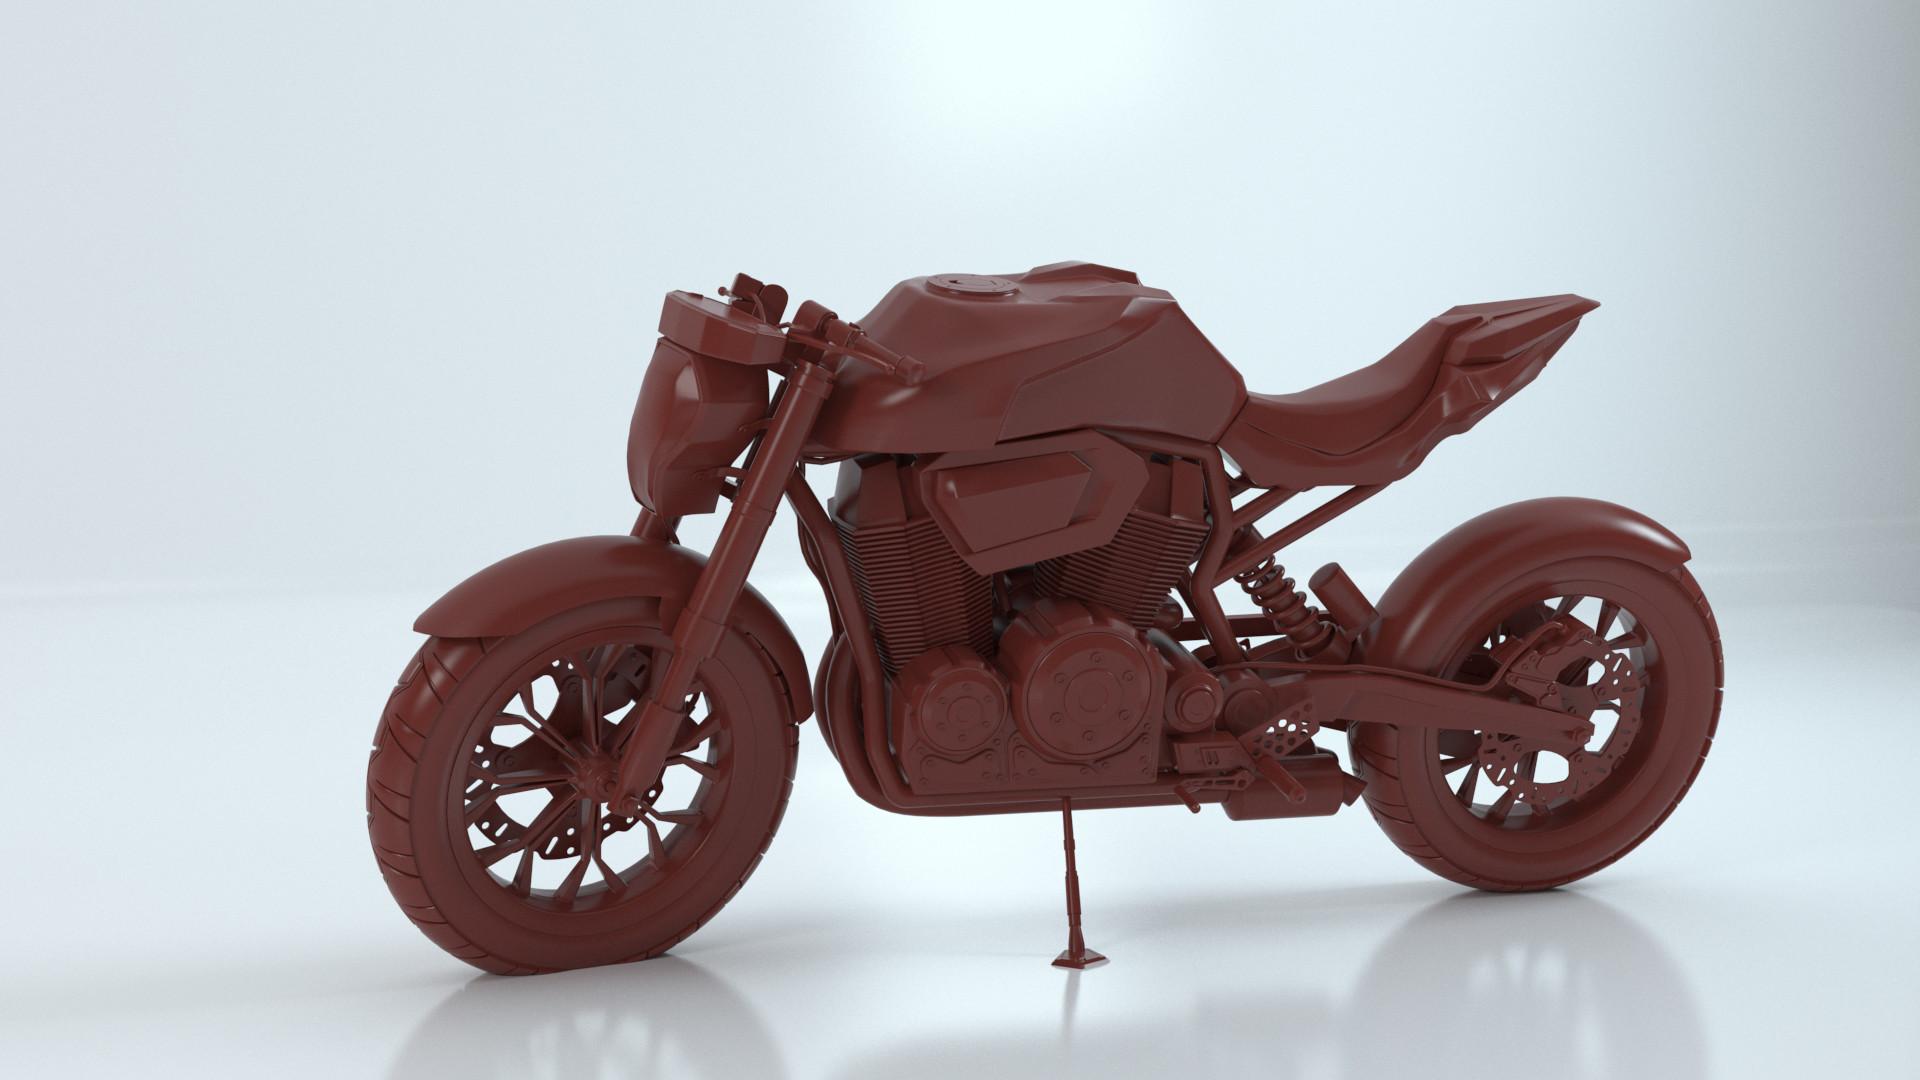 Manish anand bike 2